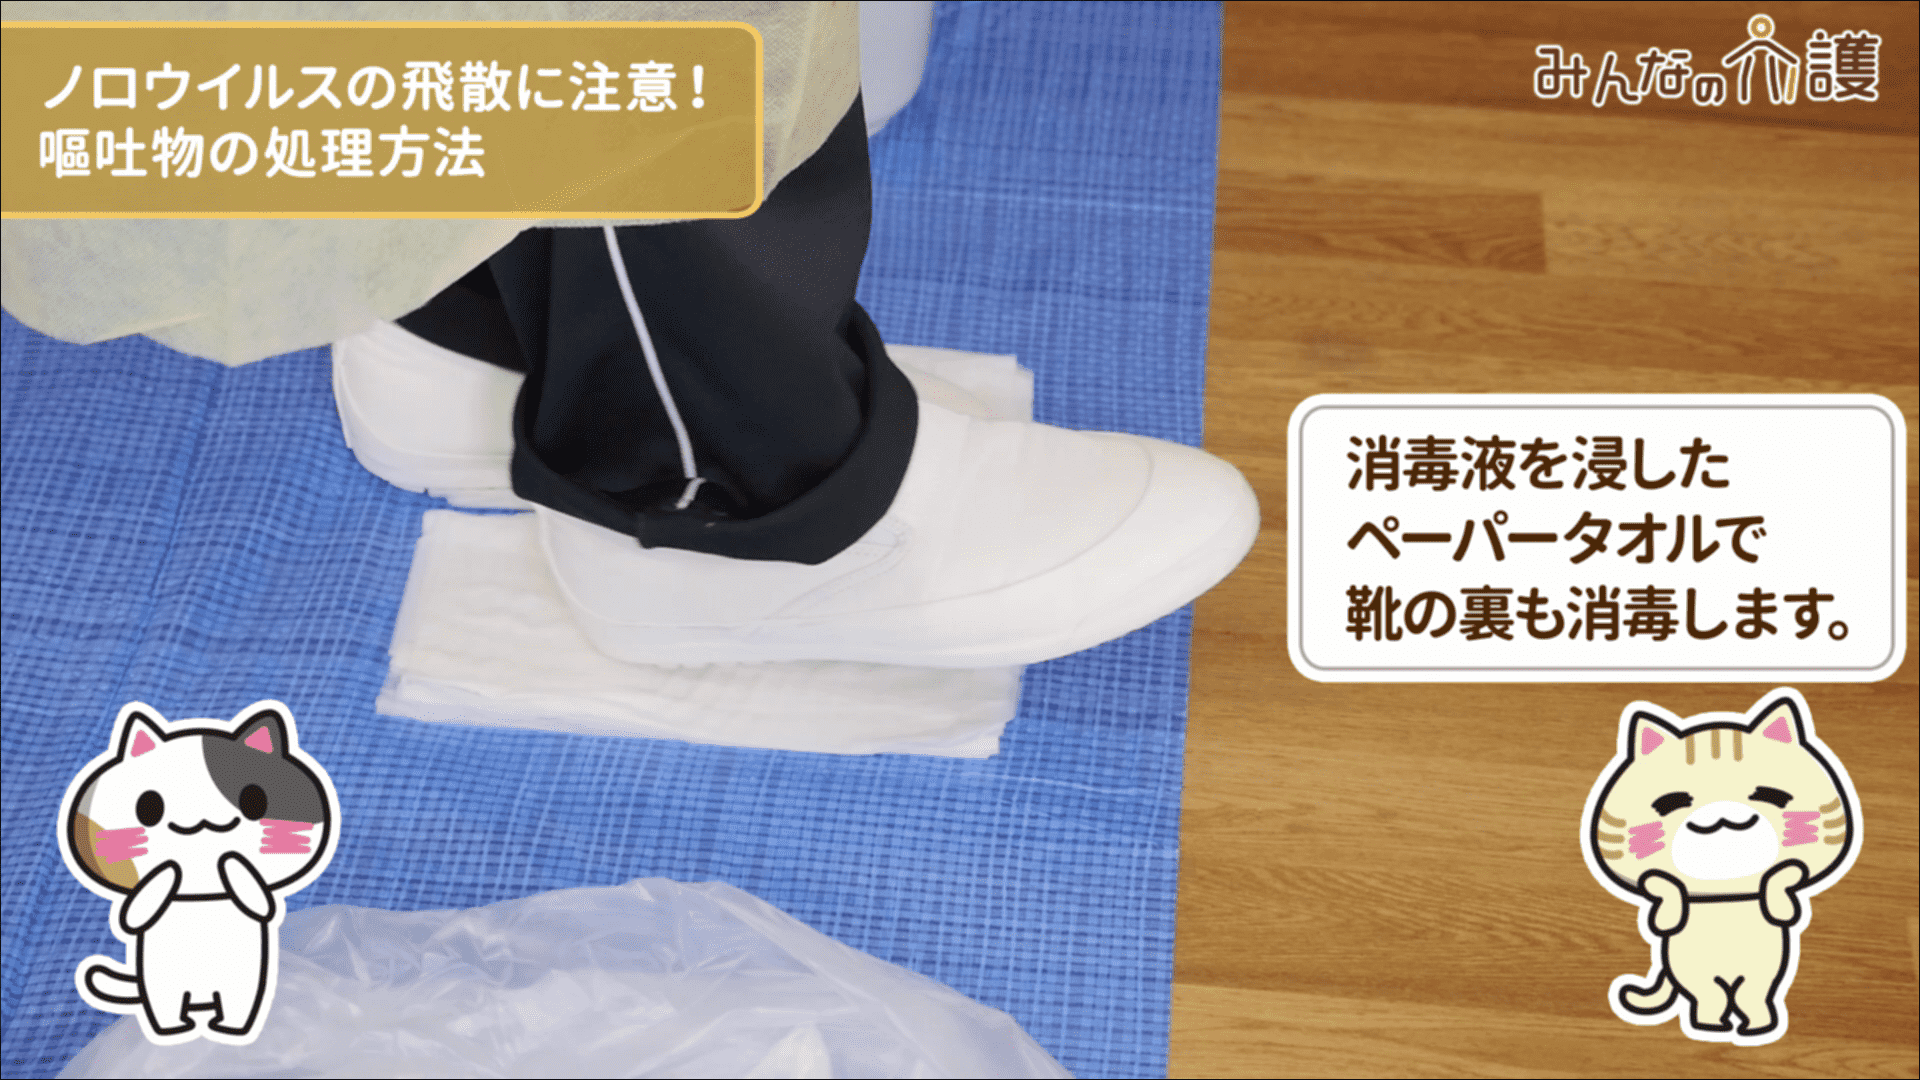 靴の裏を消毒しているイメージ